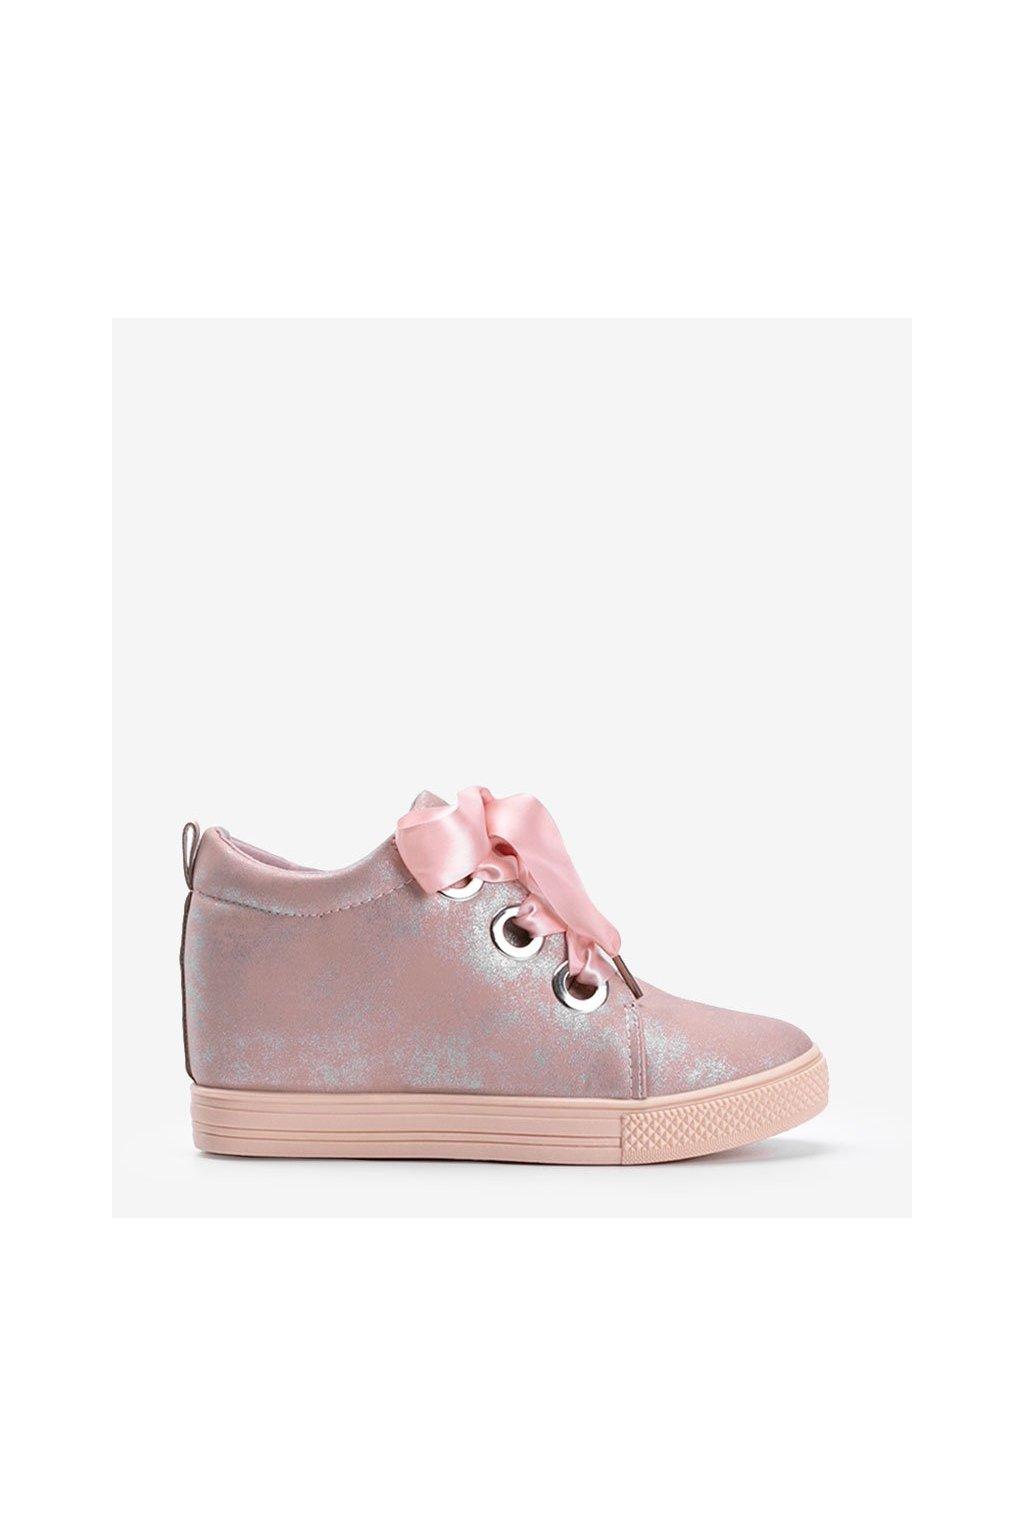 Dámske topánky tenisky ružové kód DD383-4 - GM